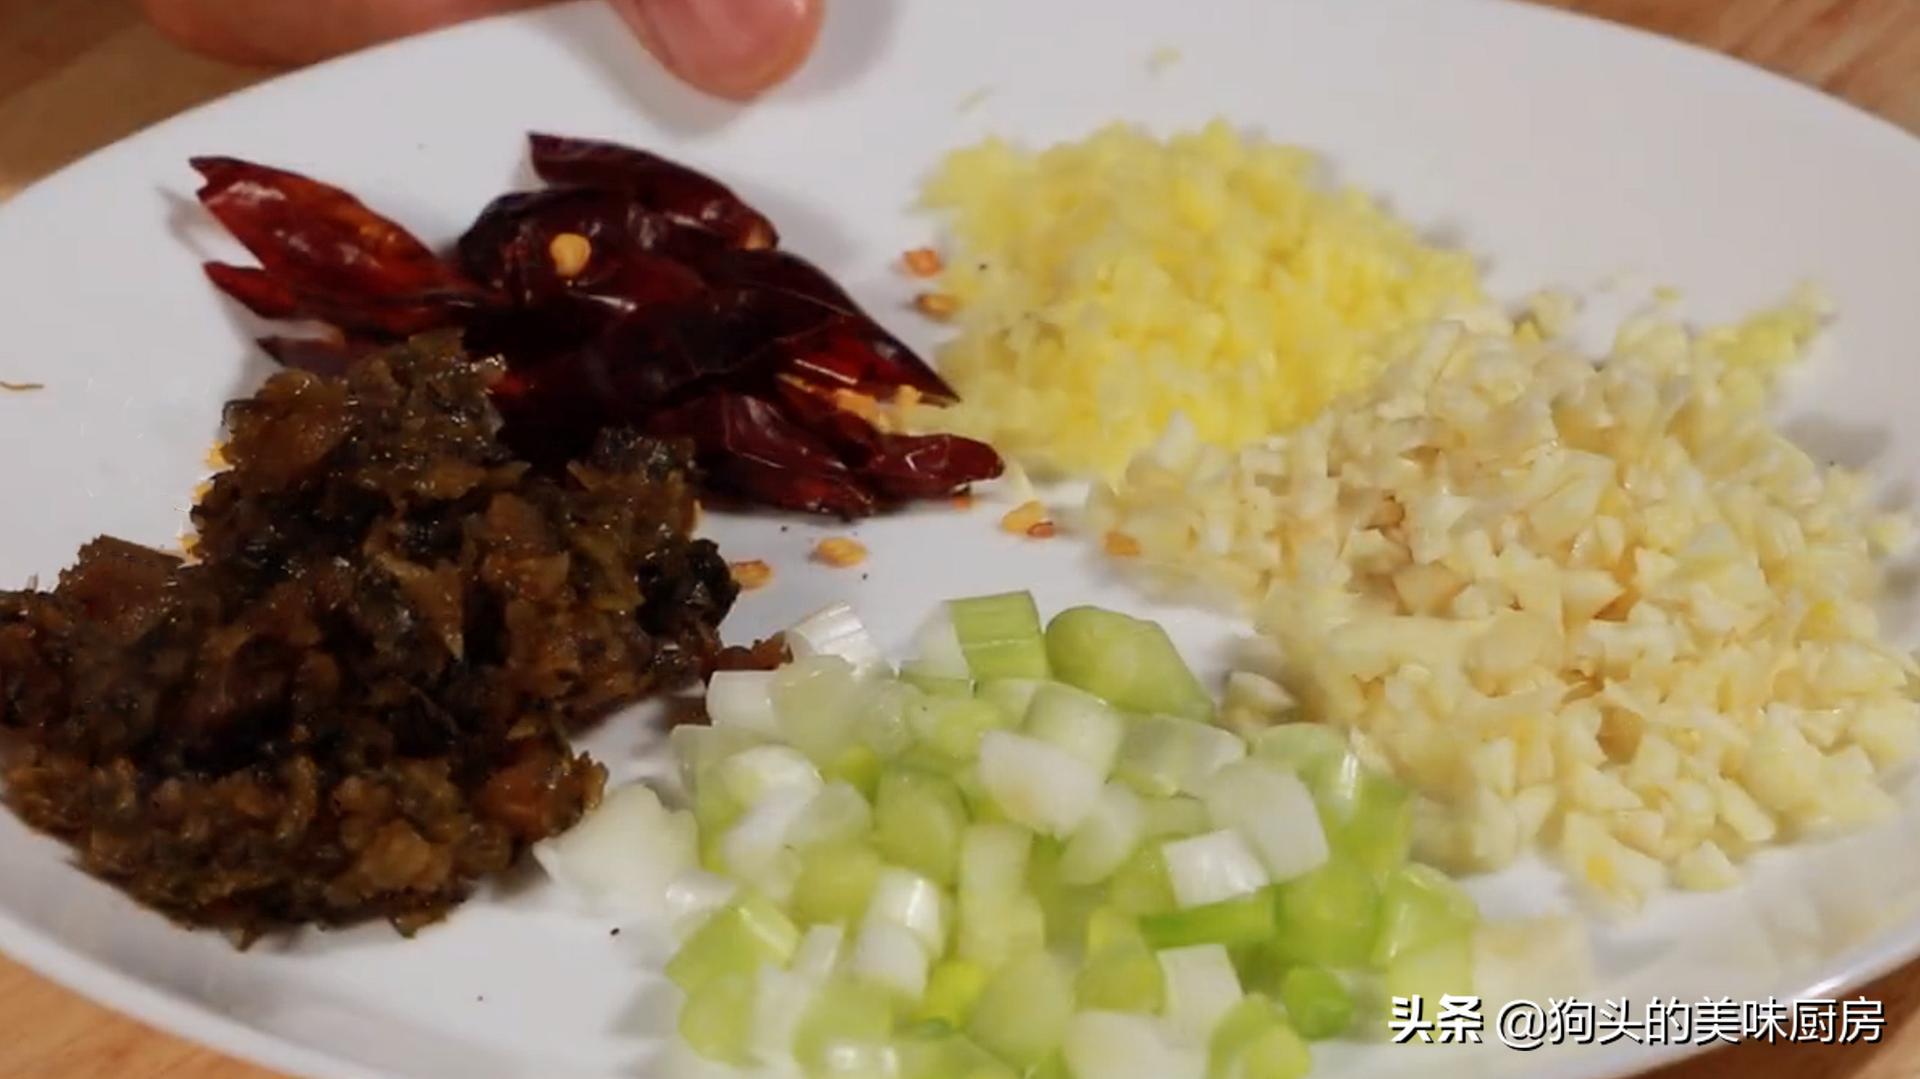 乾煸豆角有人焯水或直接炒,怪不得不好吃,教你一招,鹹香又入味